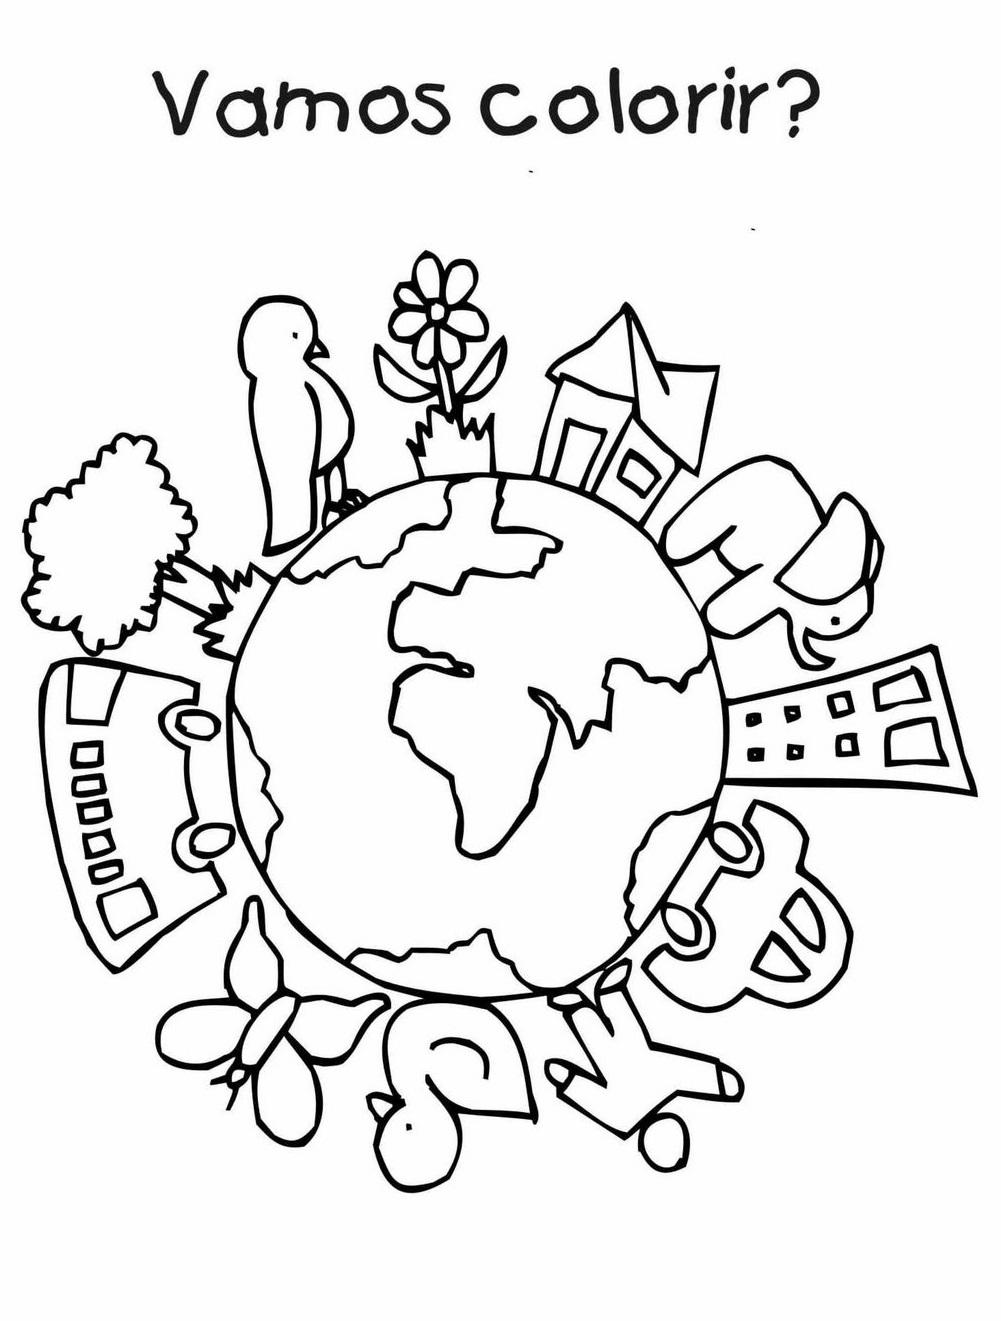 30 Desenhos Da Terra Para Colorir E Imprimir Online Cursos Gratuitos